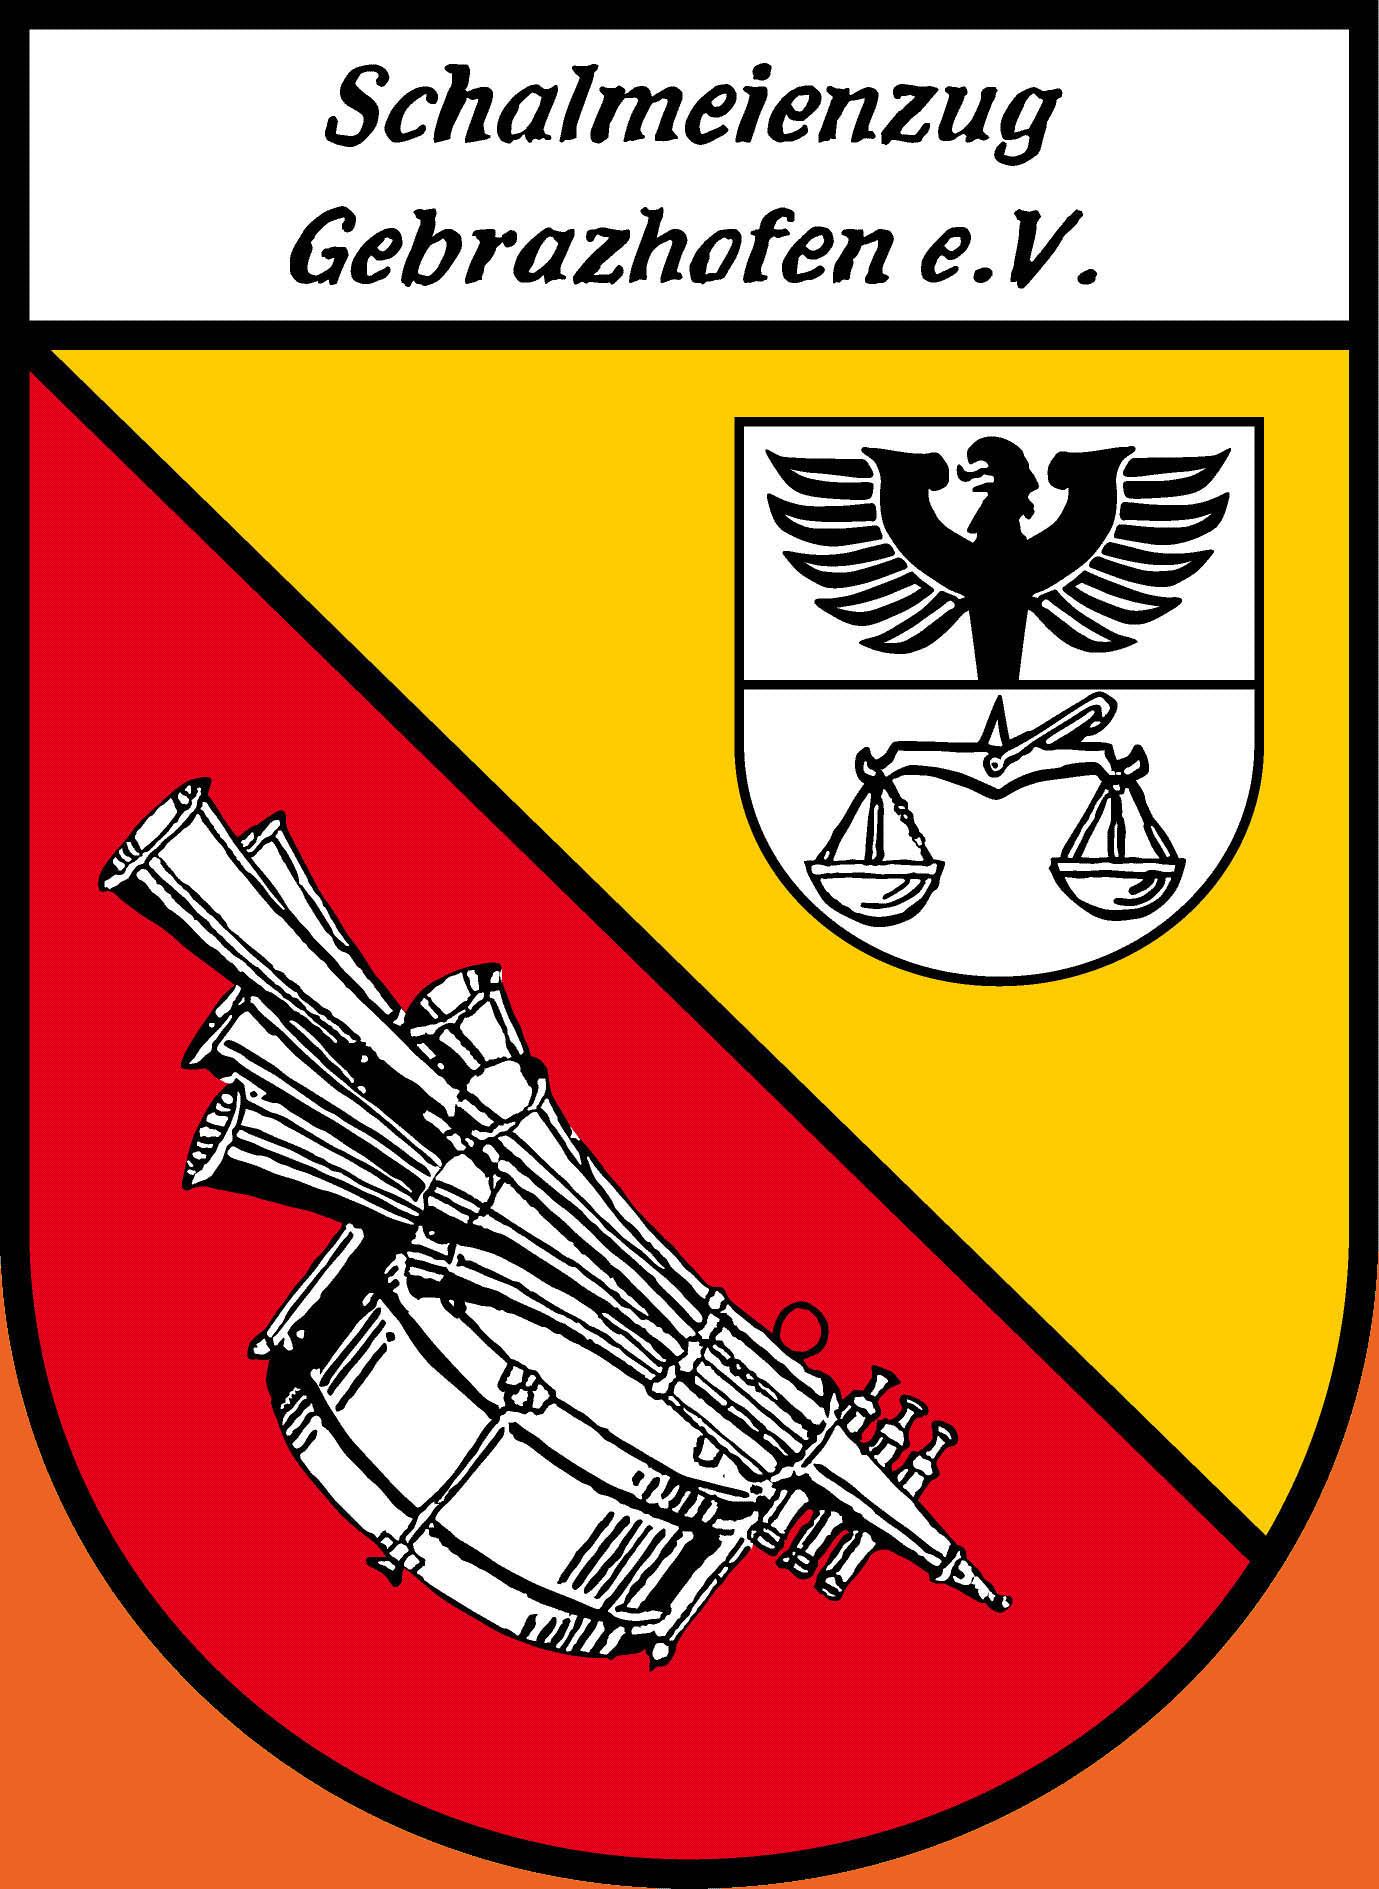 Schalmeienzug-Gebrazhofen